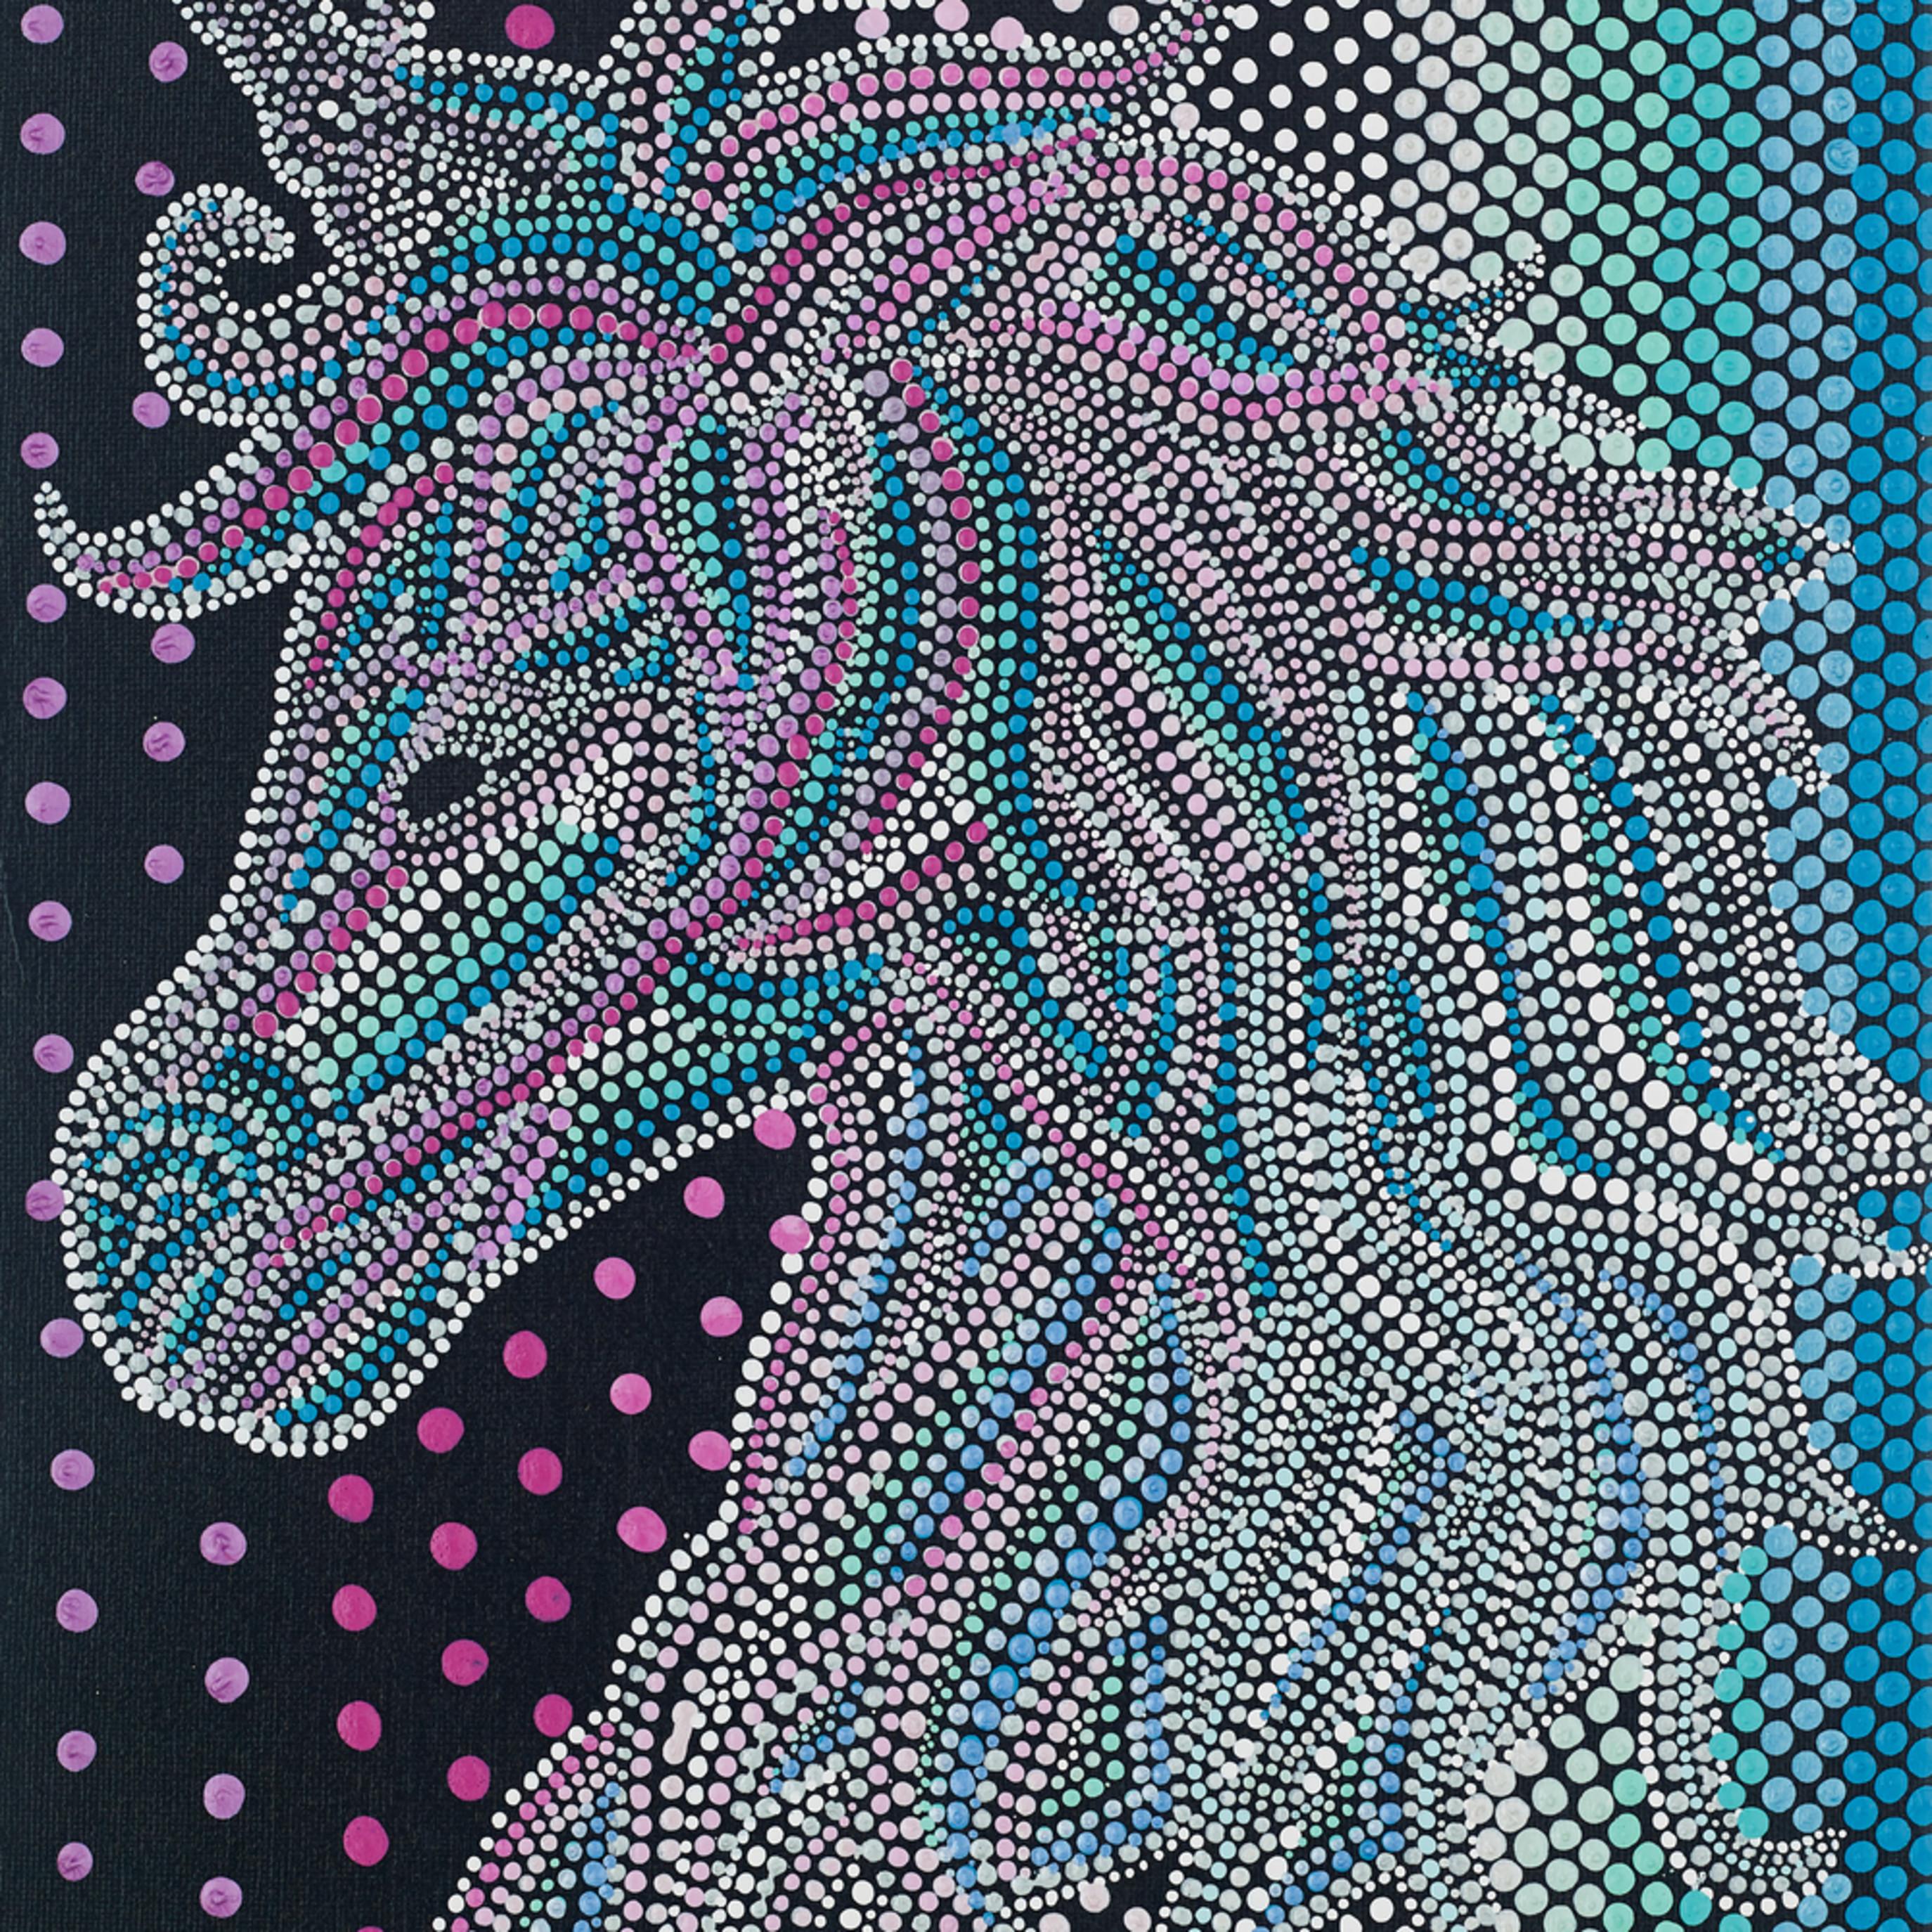 Mythical unicorn xx9kwq